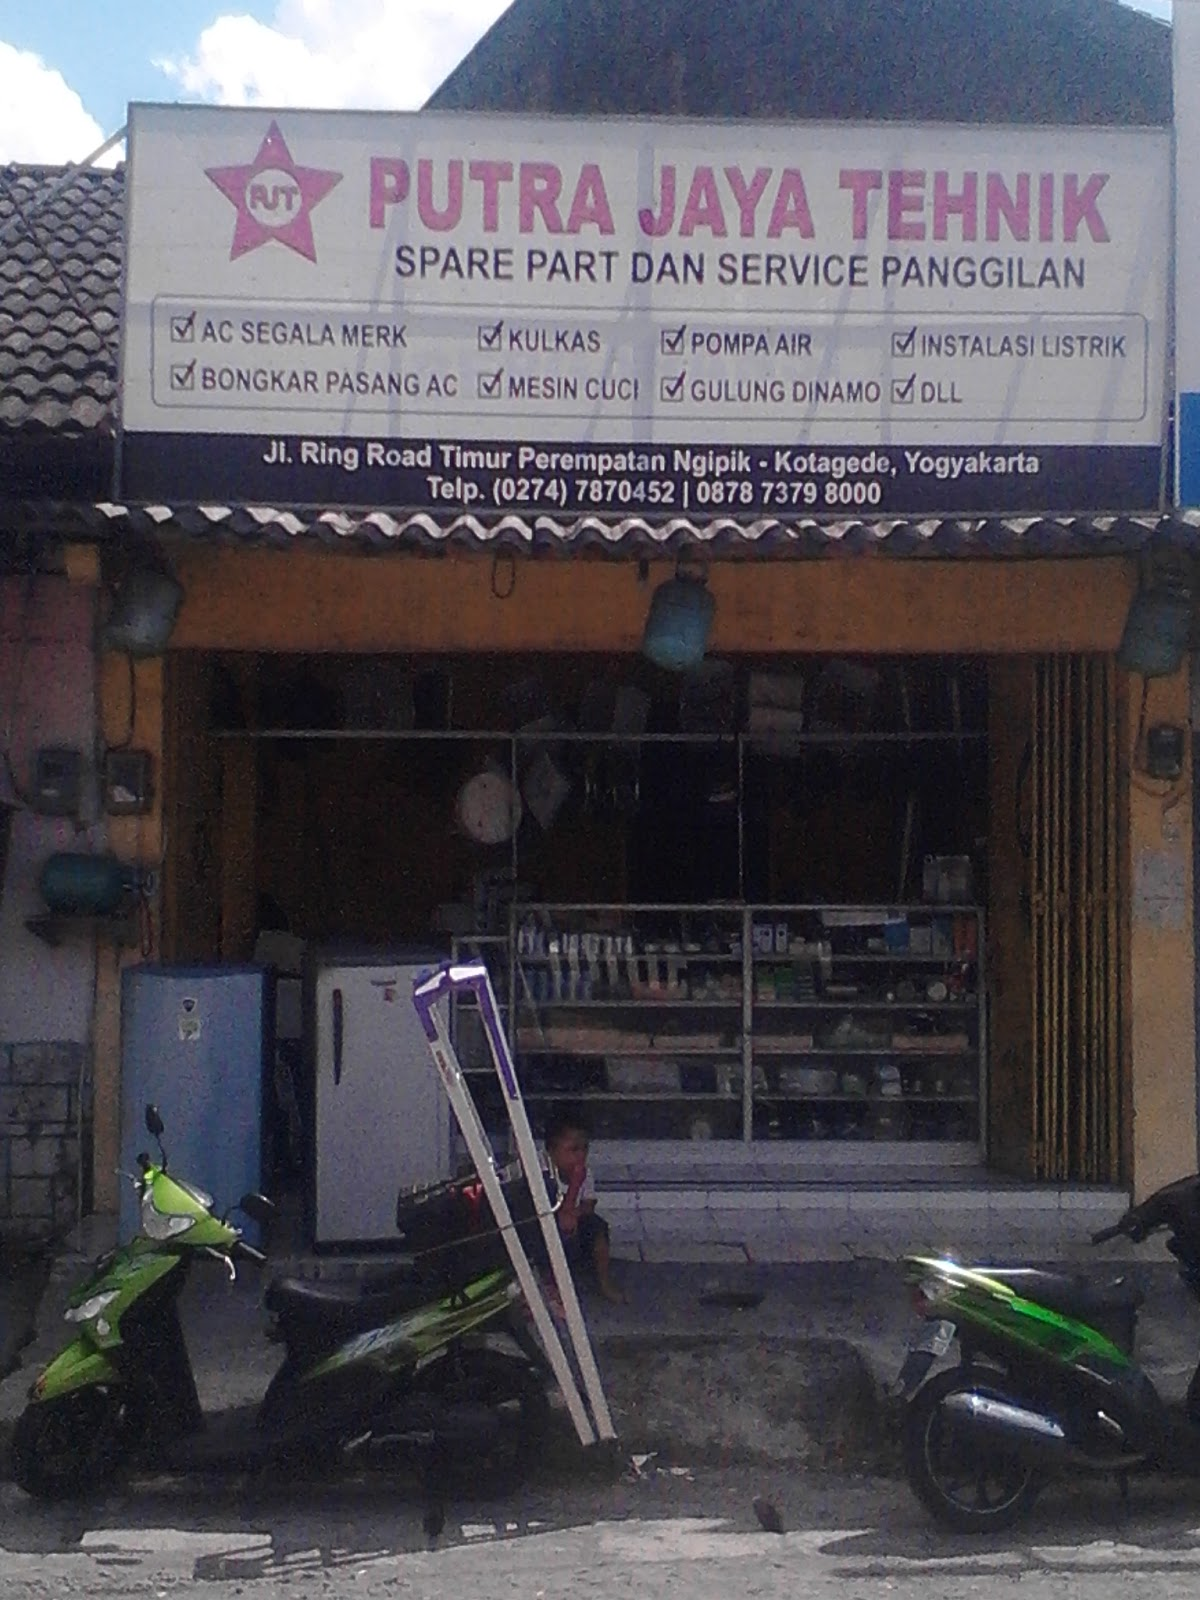 Toko Sparepart Ac Di Jogja 0878 7379